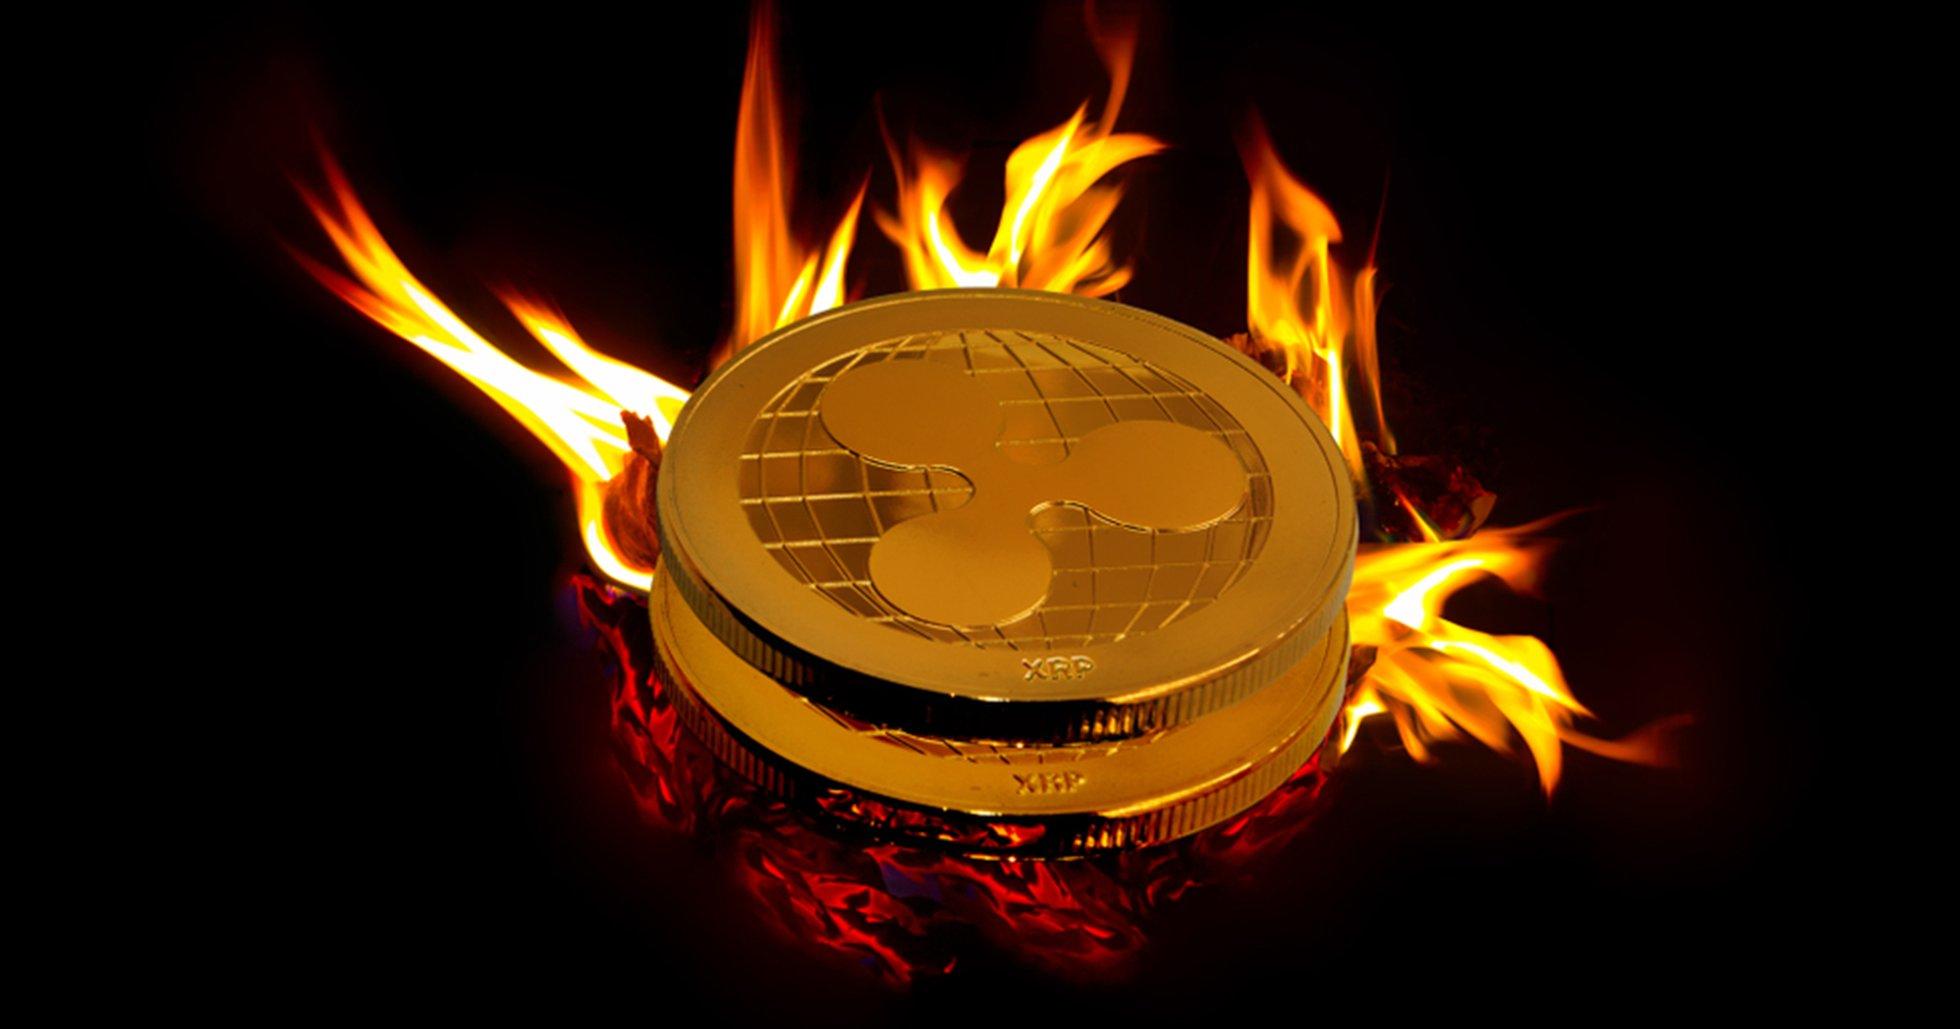 Därför bränner kryptoföretag sina pengar genom